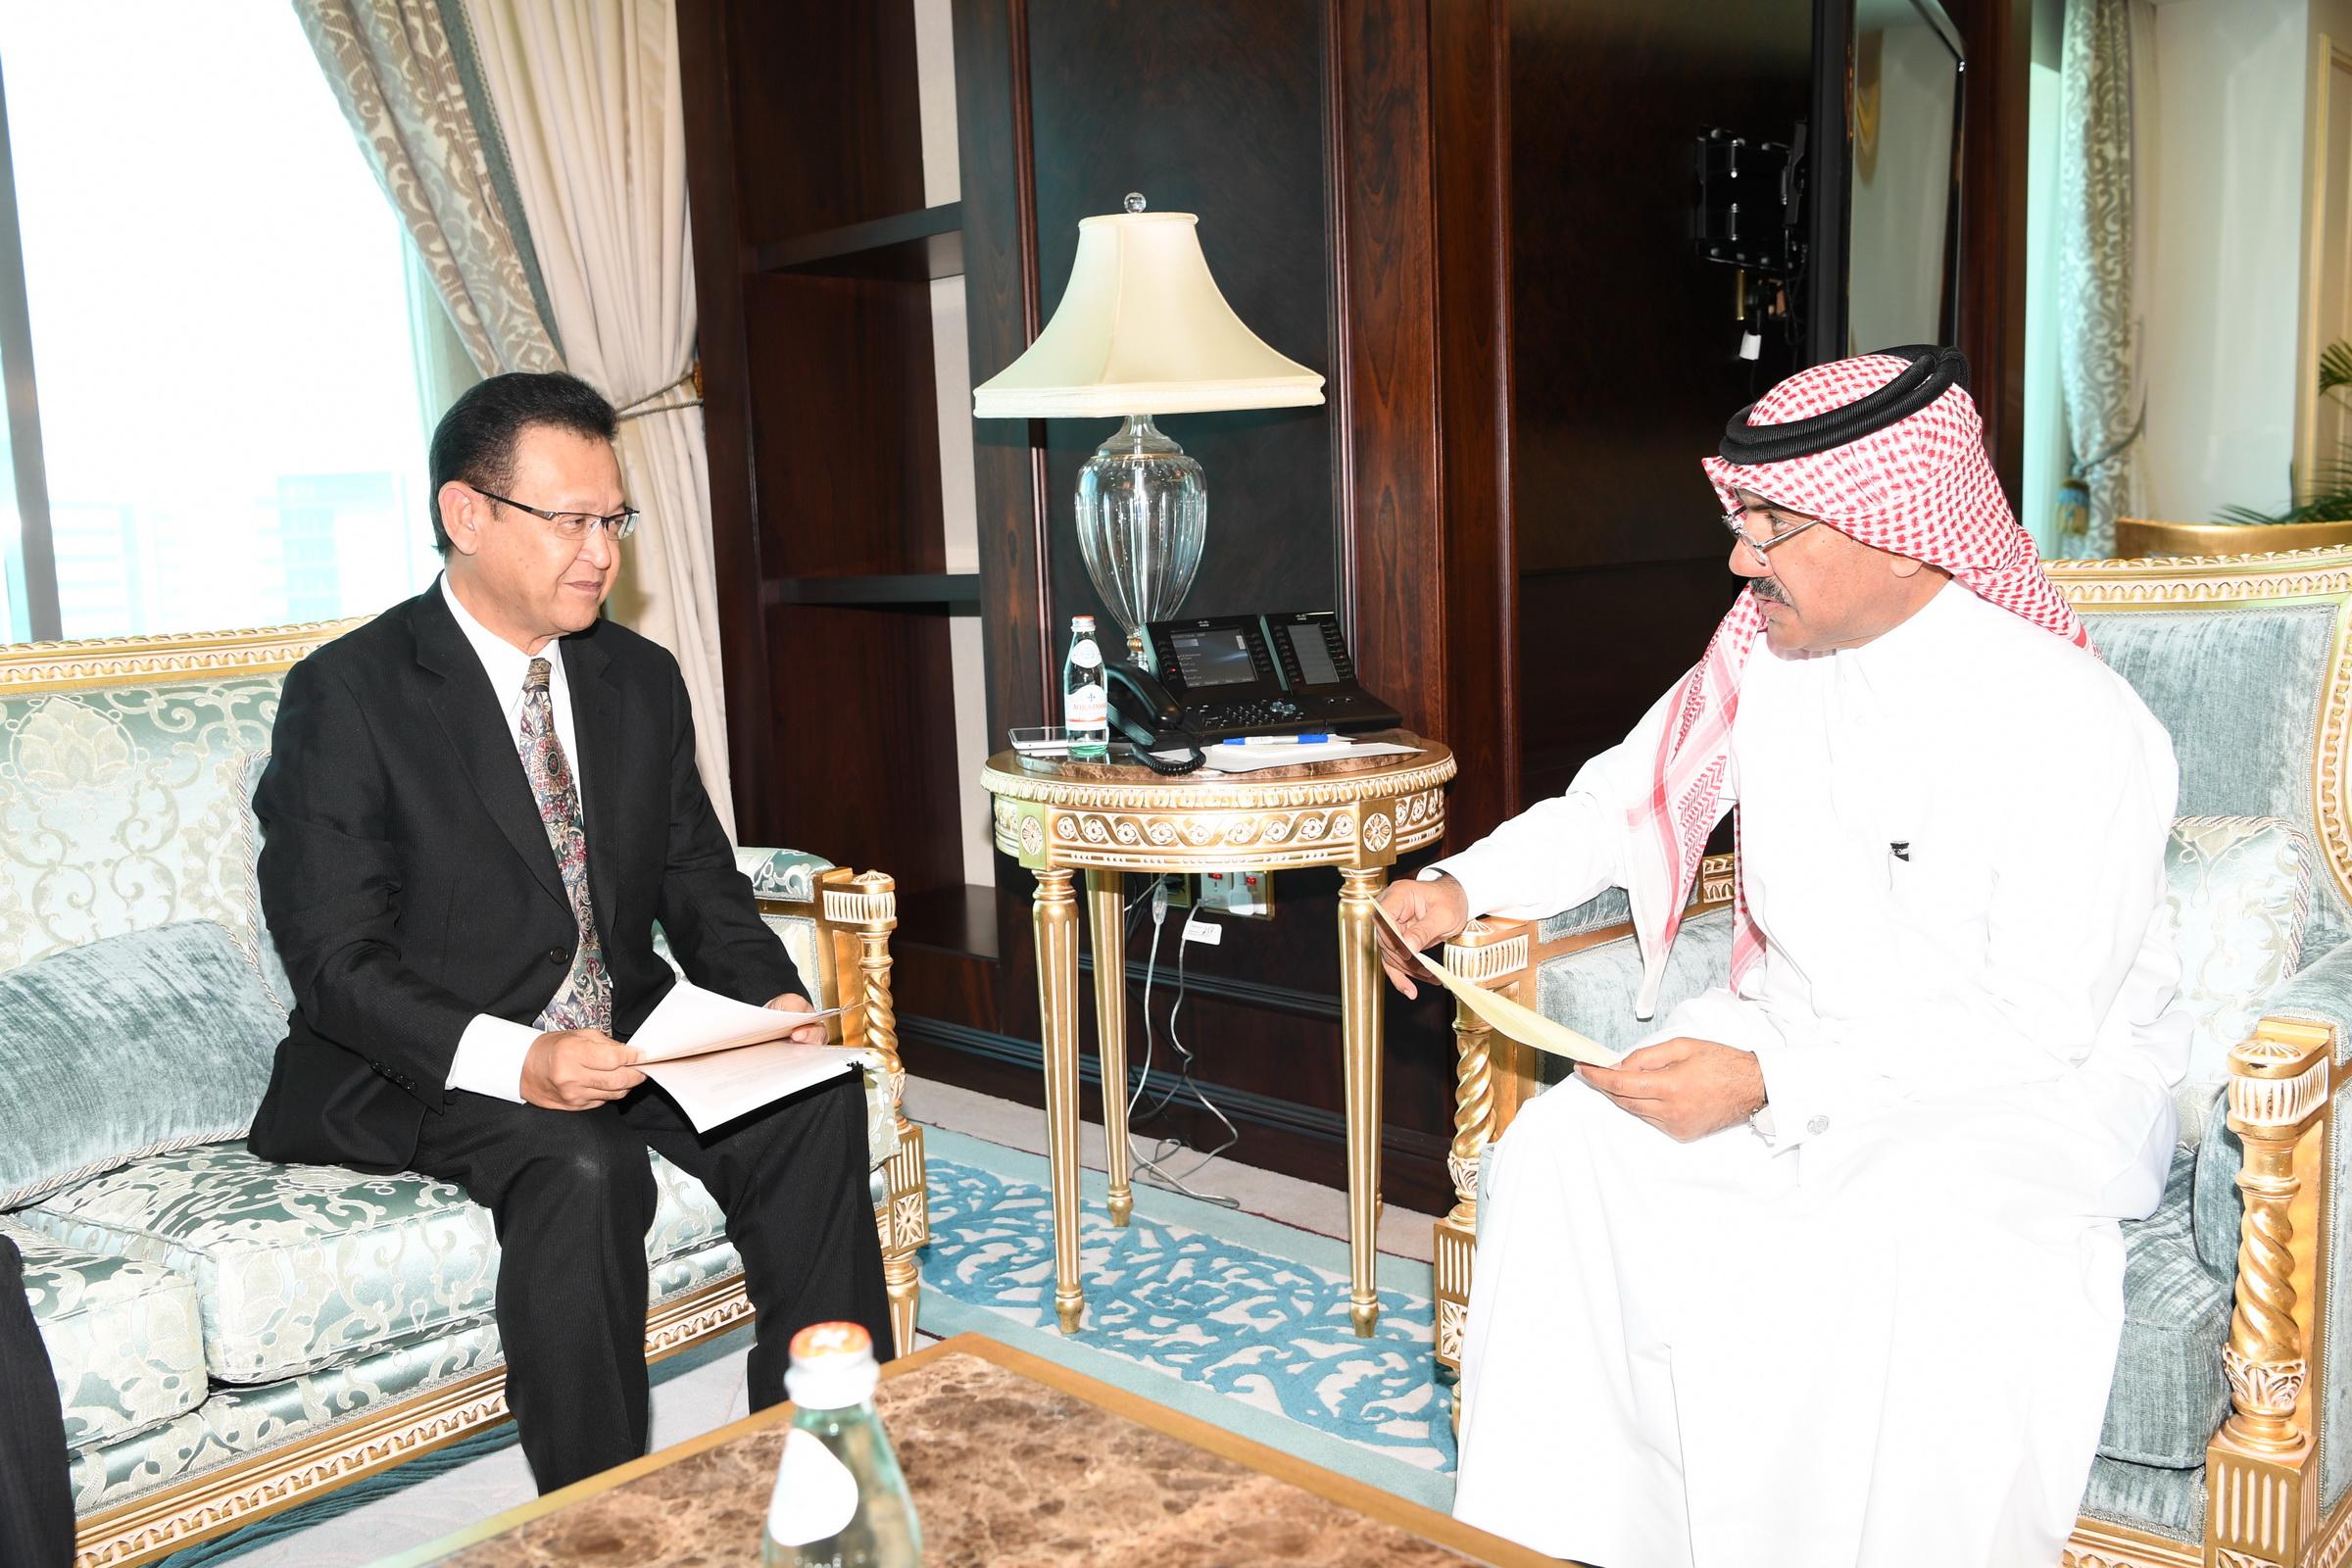 وزير الخارجية يتلقى دعوة لحضور الاجتماع الوزاري لمنظمة التعاون الاسلامي